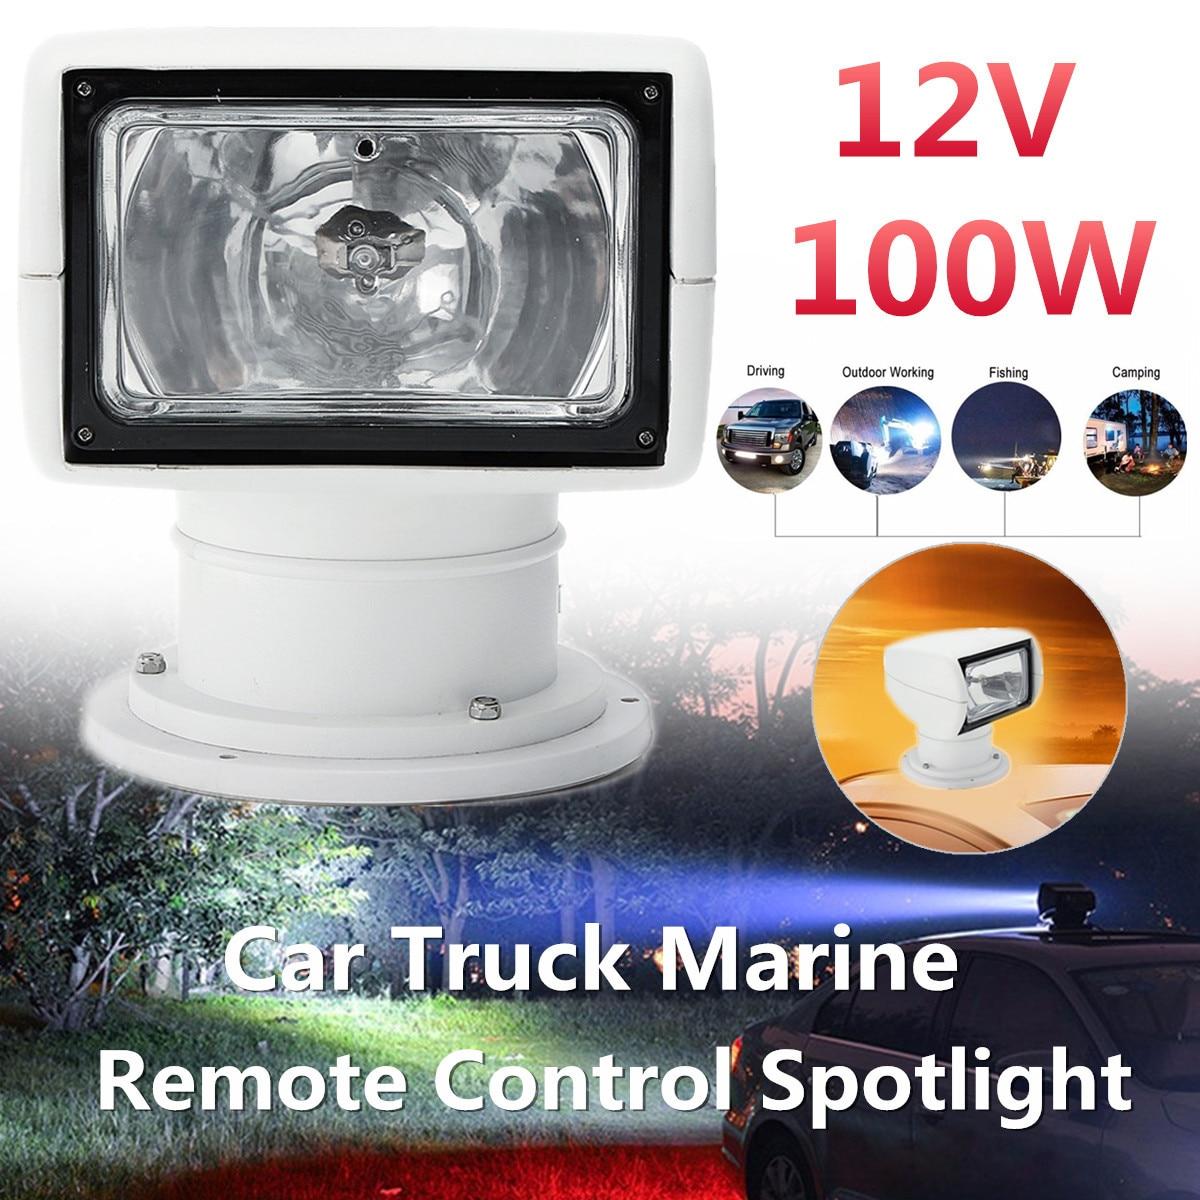 Лодка Грузовик автомобиль прожектор 12 В V 100 Вт 2500LM 3200 К морской прожектор лампочка дистанционного управления ПК + алюминиевый многоугловой ...